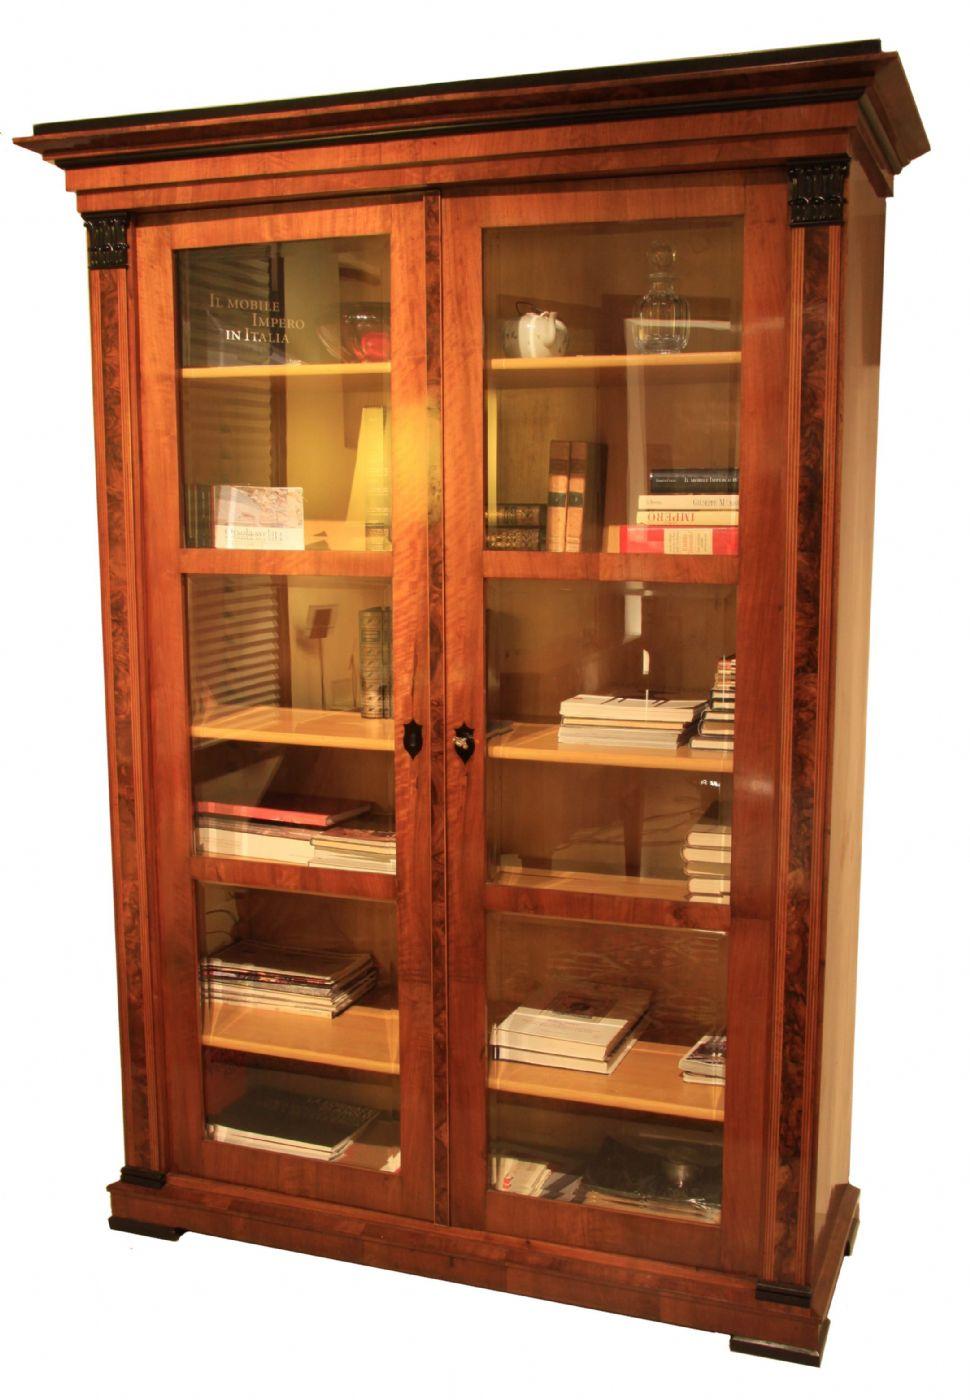 Libreria biedermeier a due ante austria 1820 circa antiquariato su anticoantico - Mobili biedermeier ...